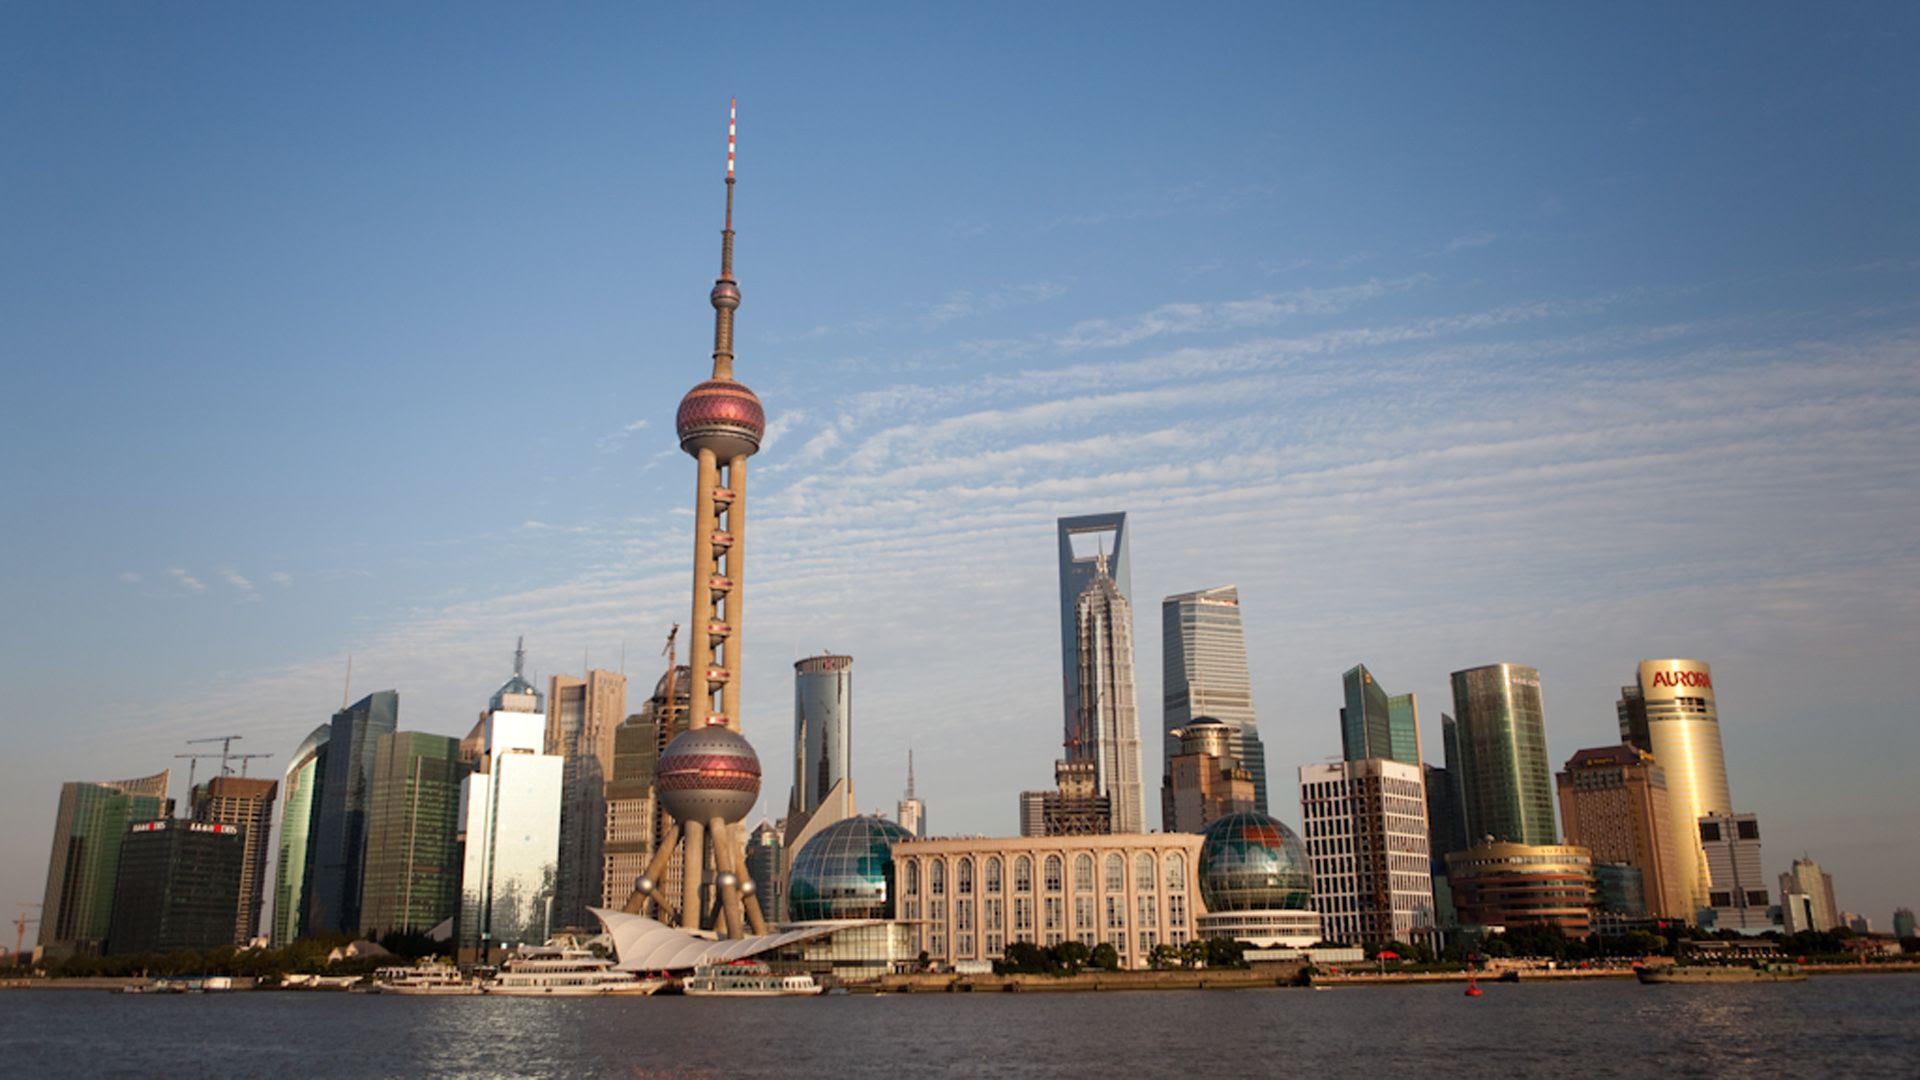 Shanghai photo shanghai_zps791f0277.jpg